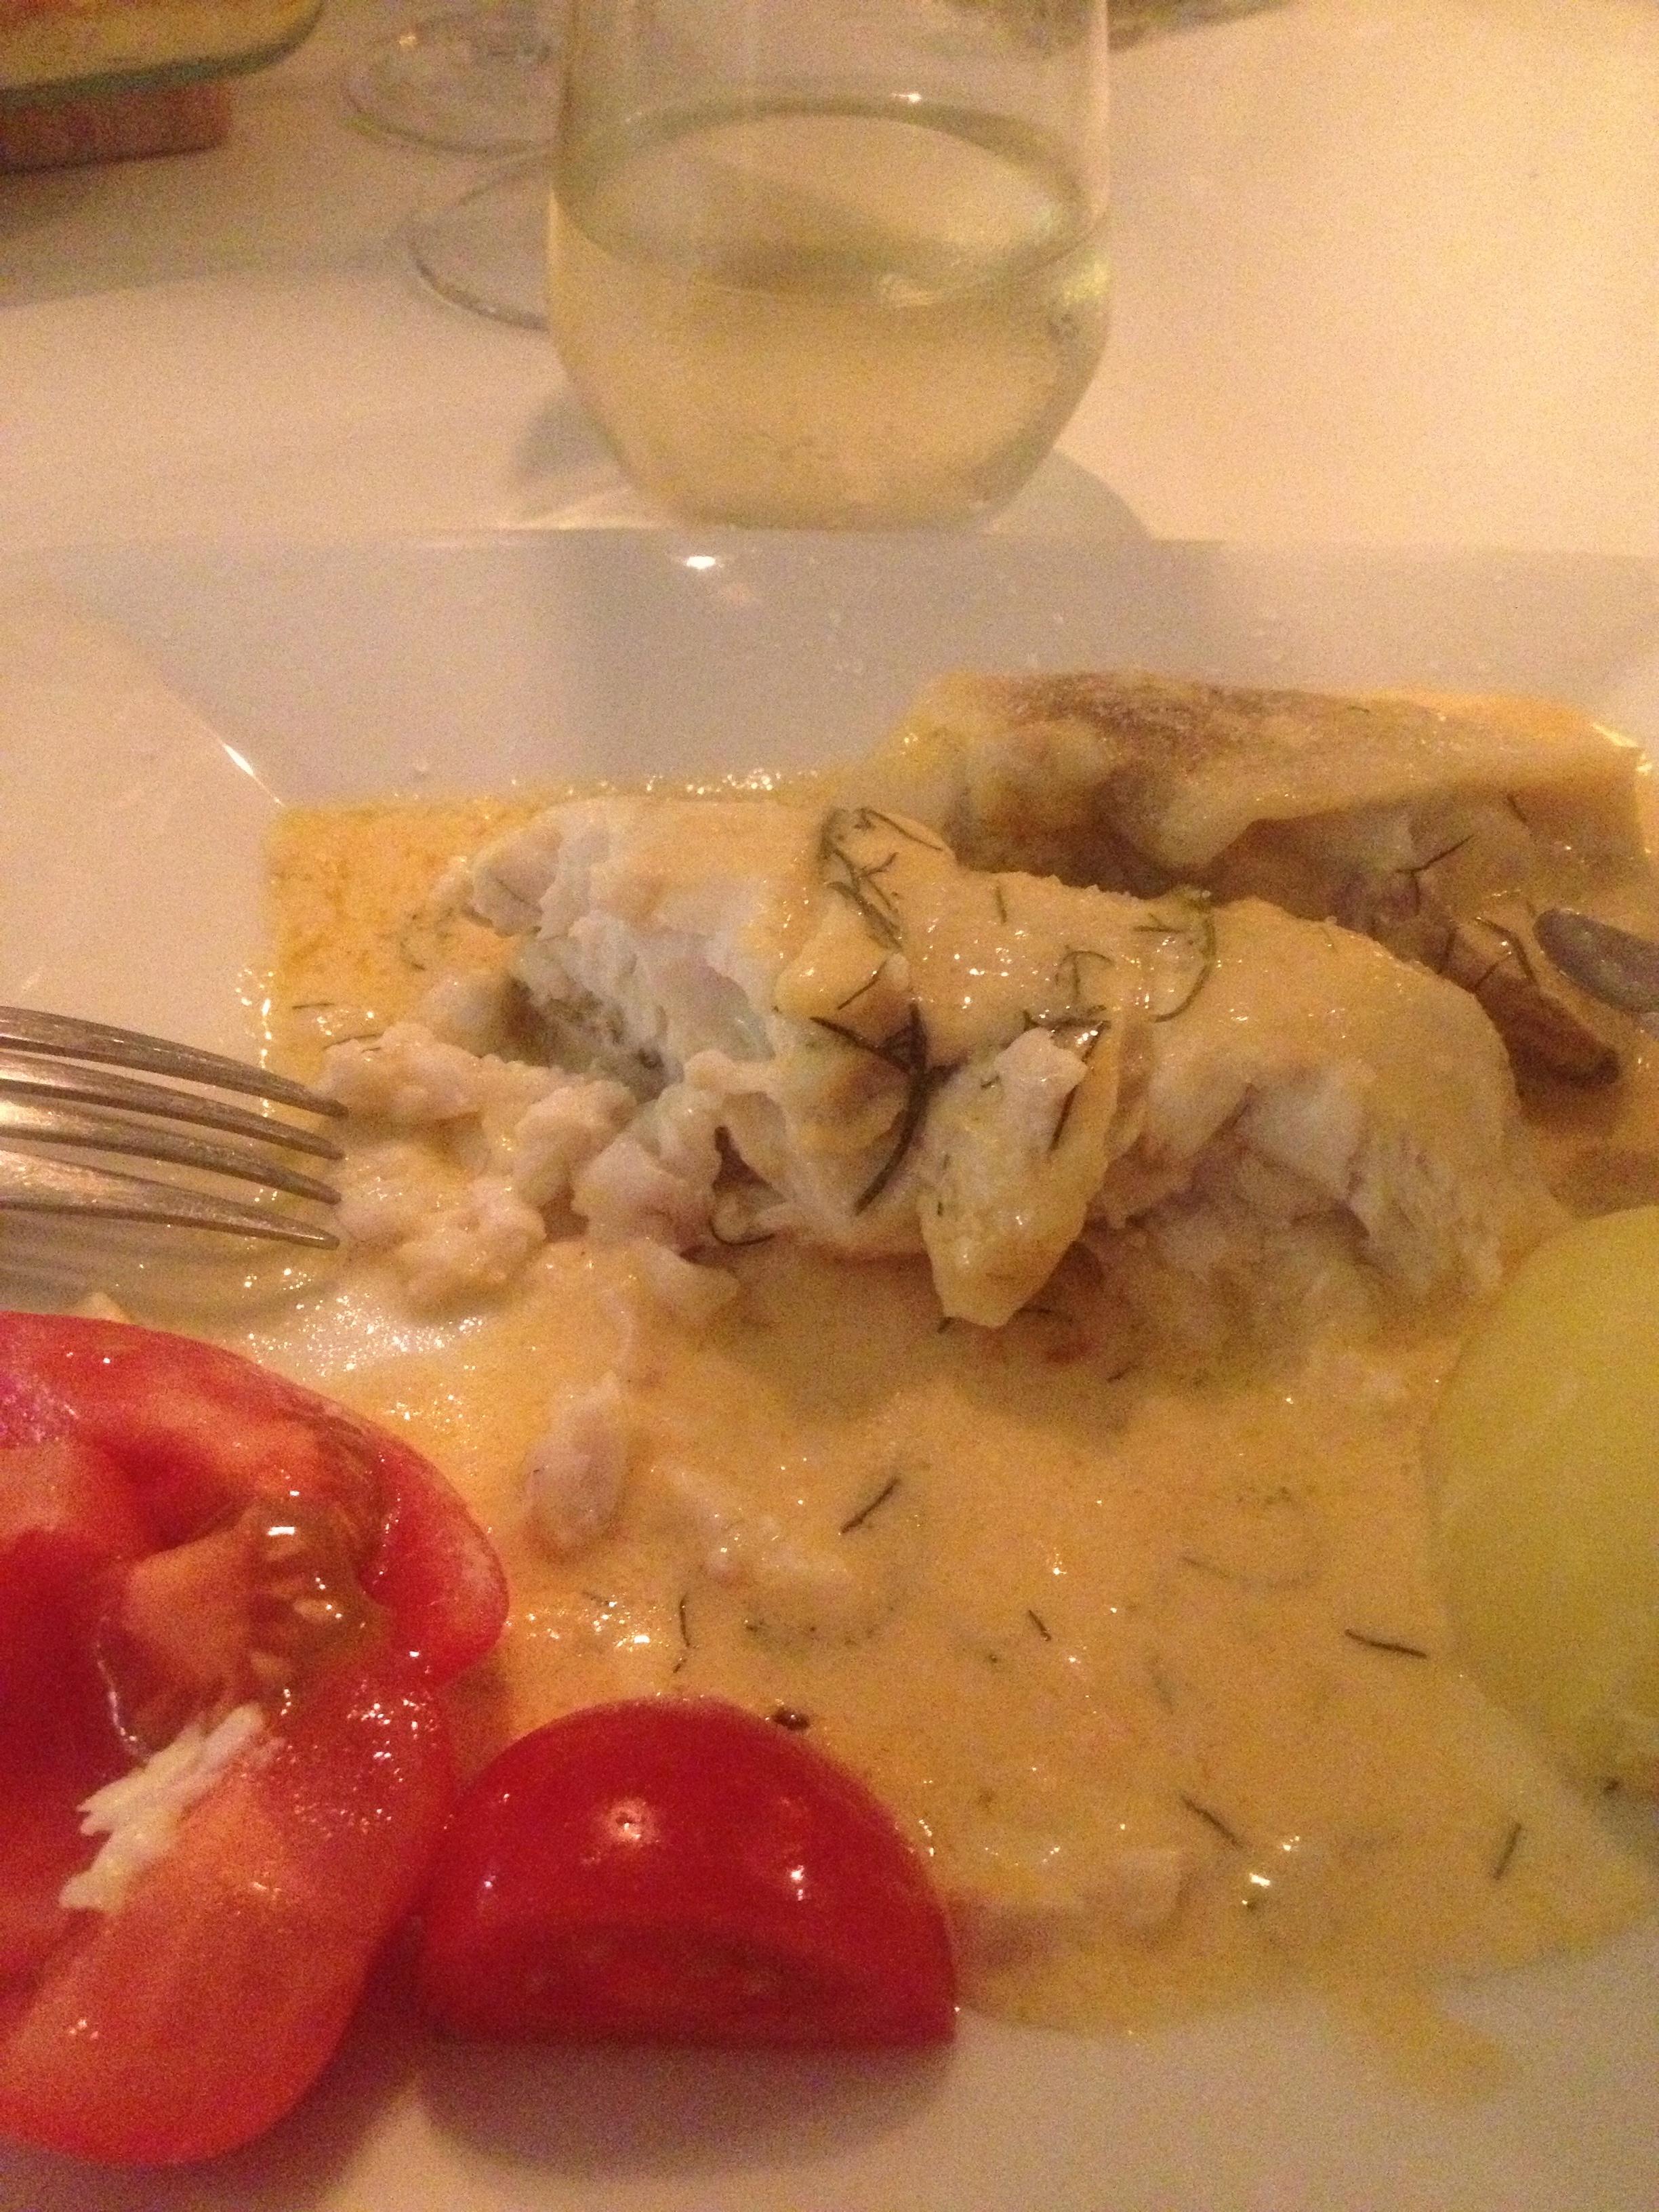 Plattfisk i ugn a la Liis & Lars (gluten- och laktosfri)